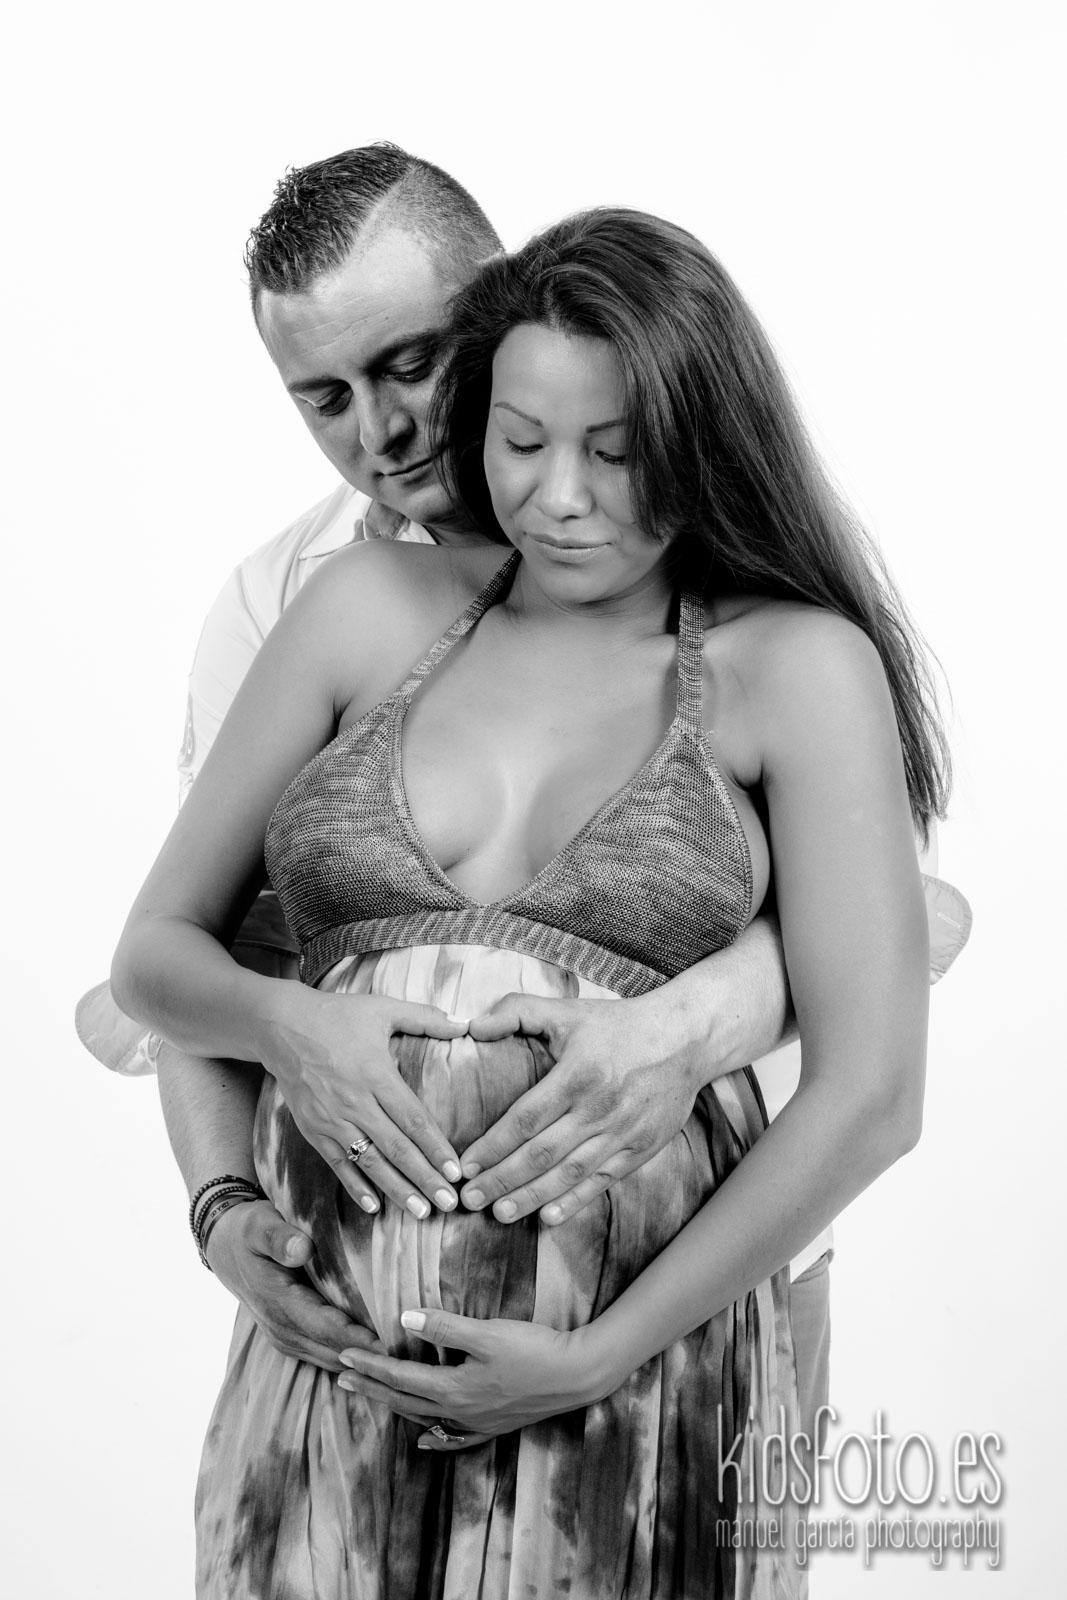 Sesión fotografía premamá embarazo en Zaragoza, Regalo embarazada